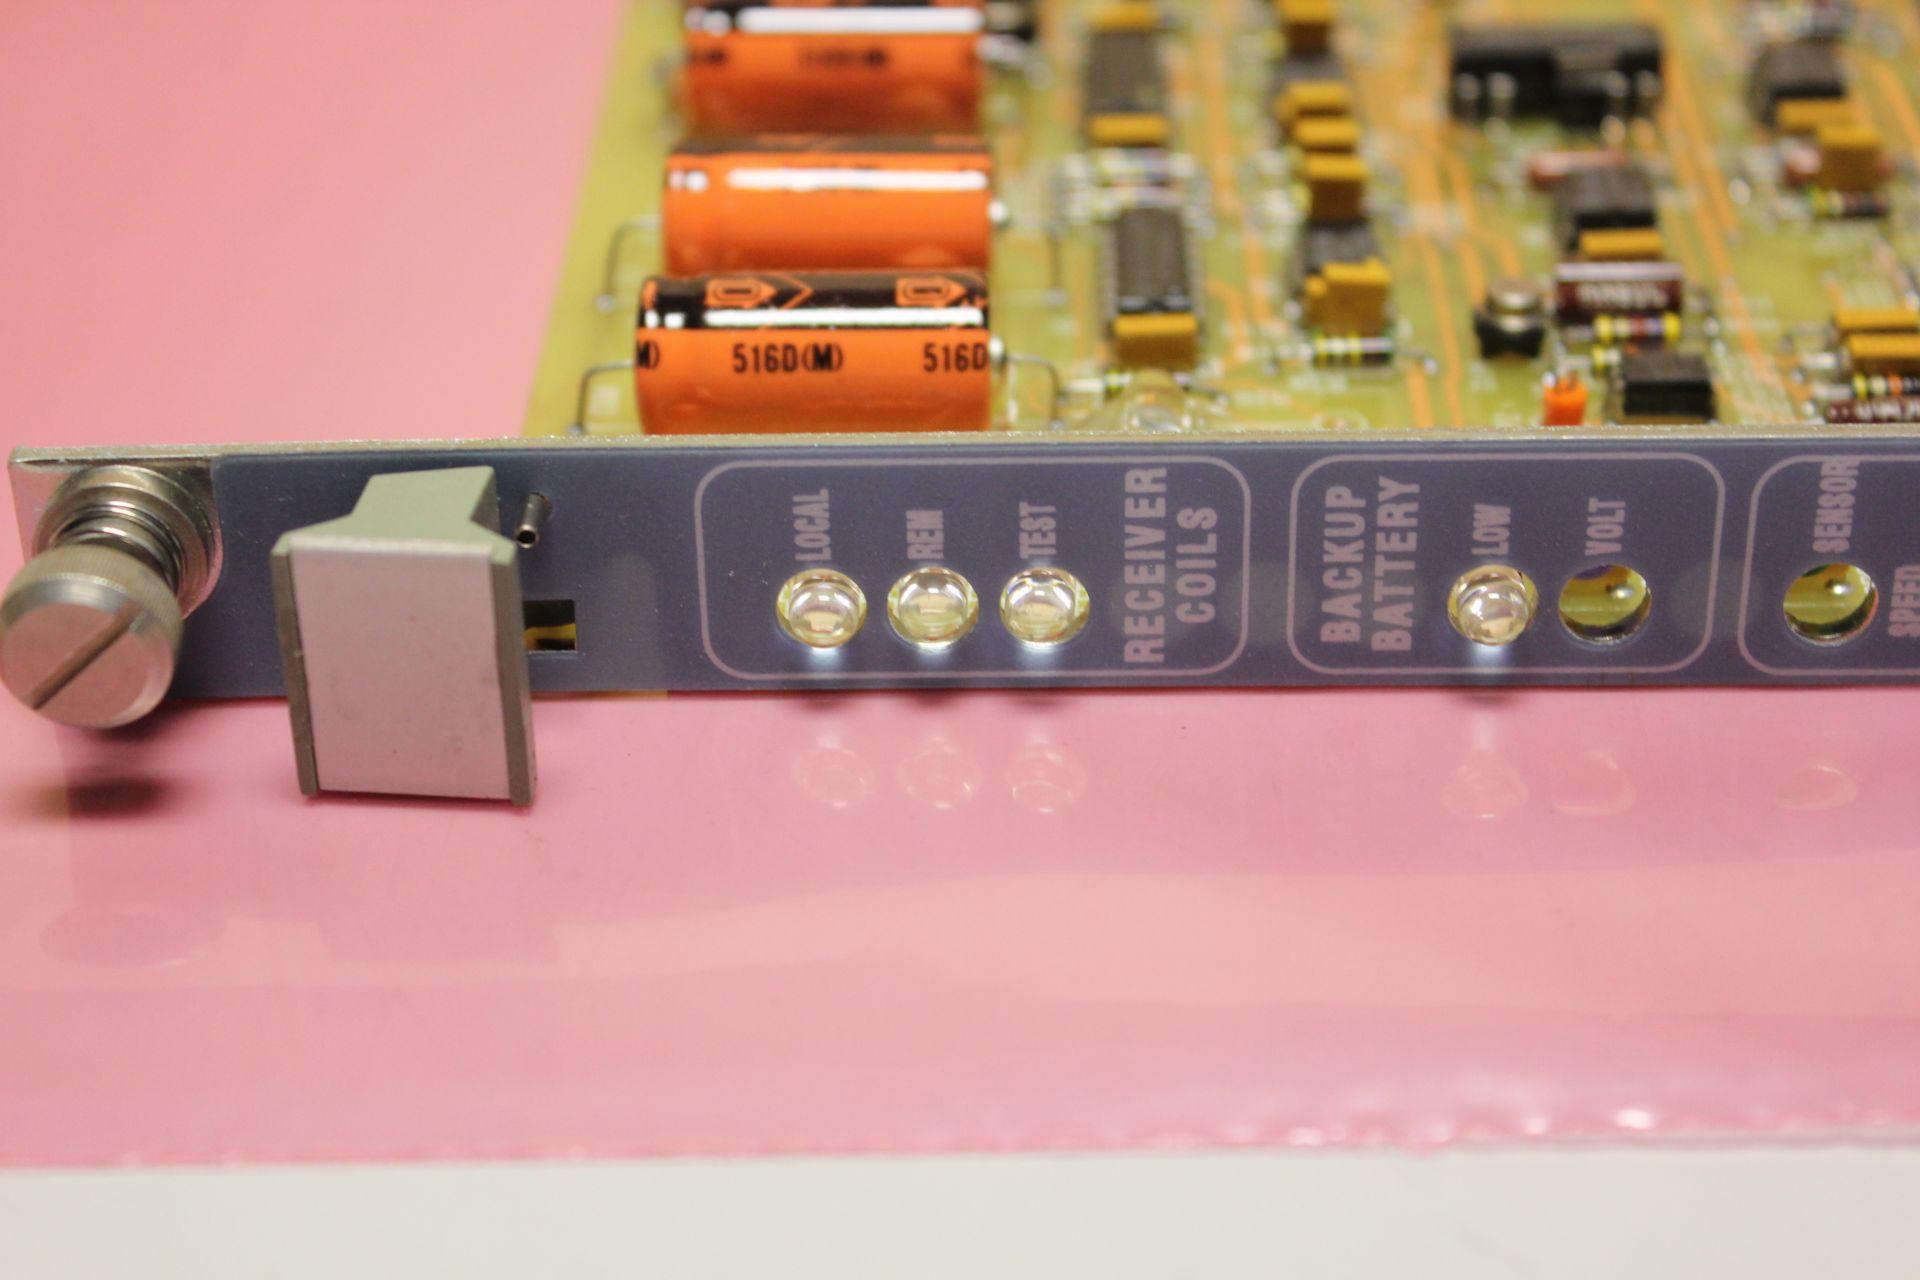 Lot 30 - USSI/ANSALDO MULTI-FUNCTION CONTROL MODULE